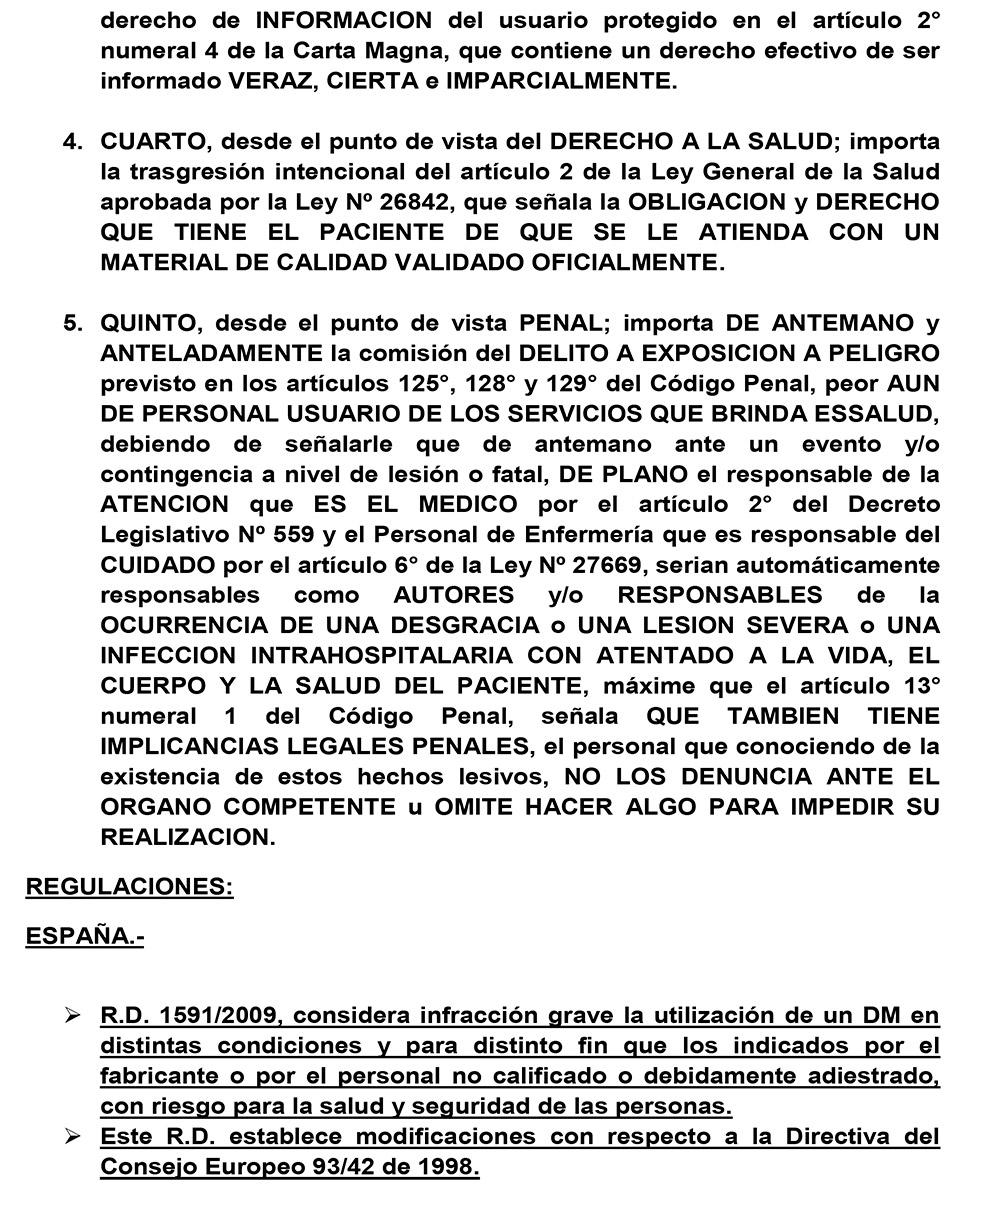 i_encuentro_cientifico_1016-4